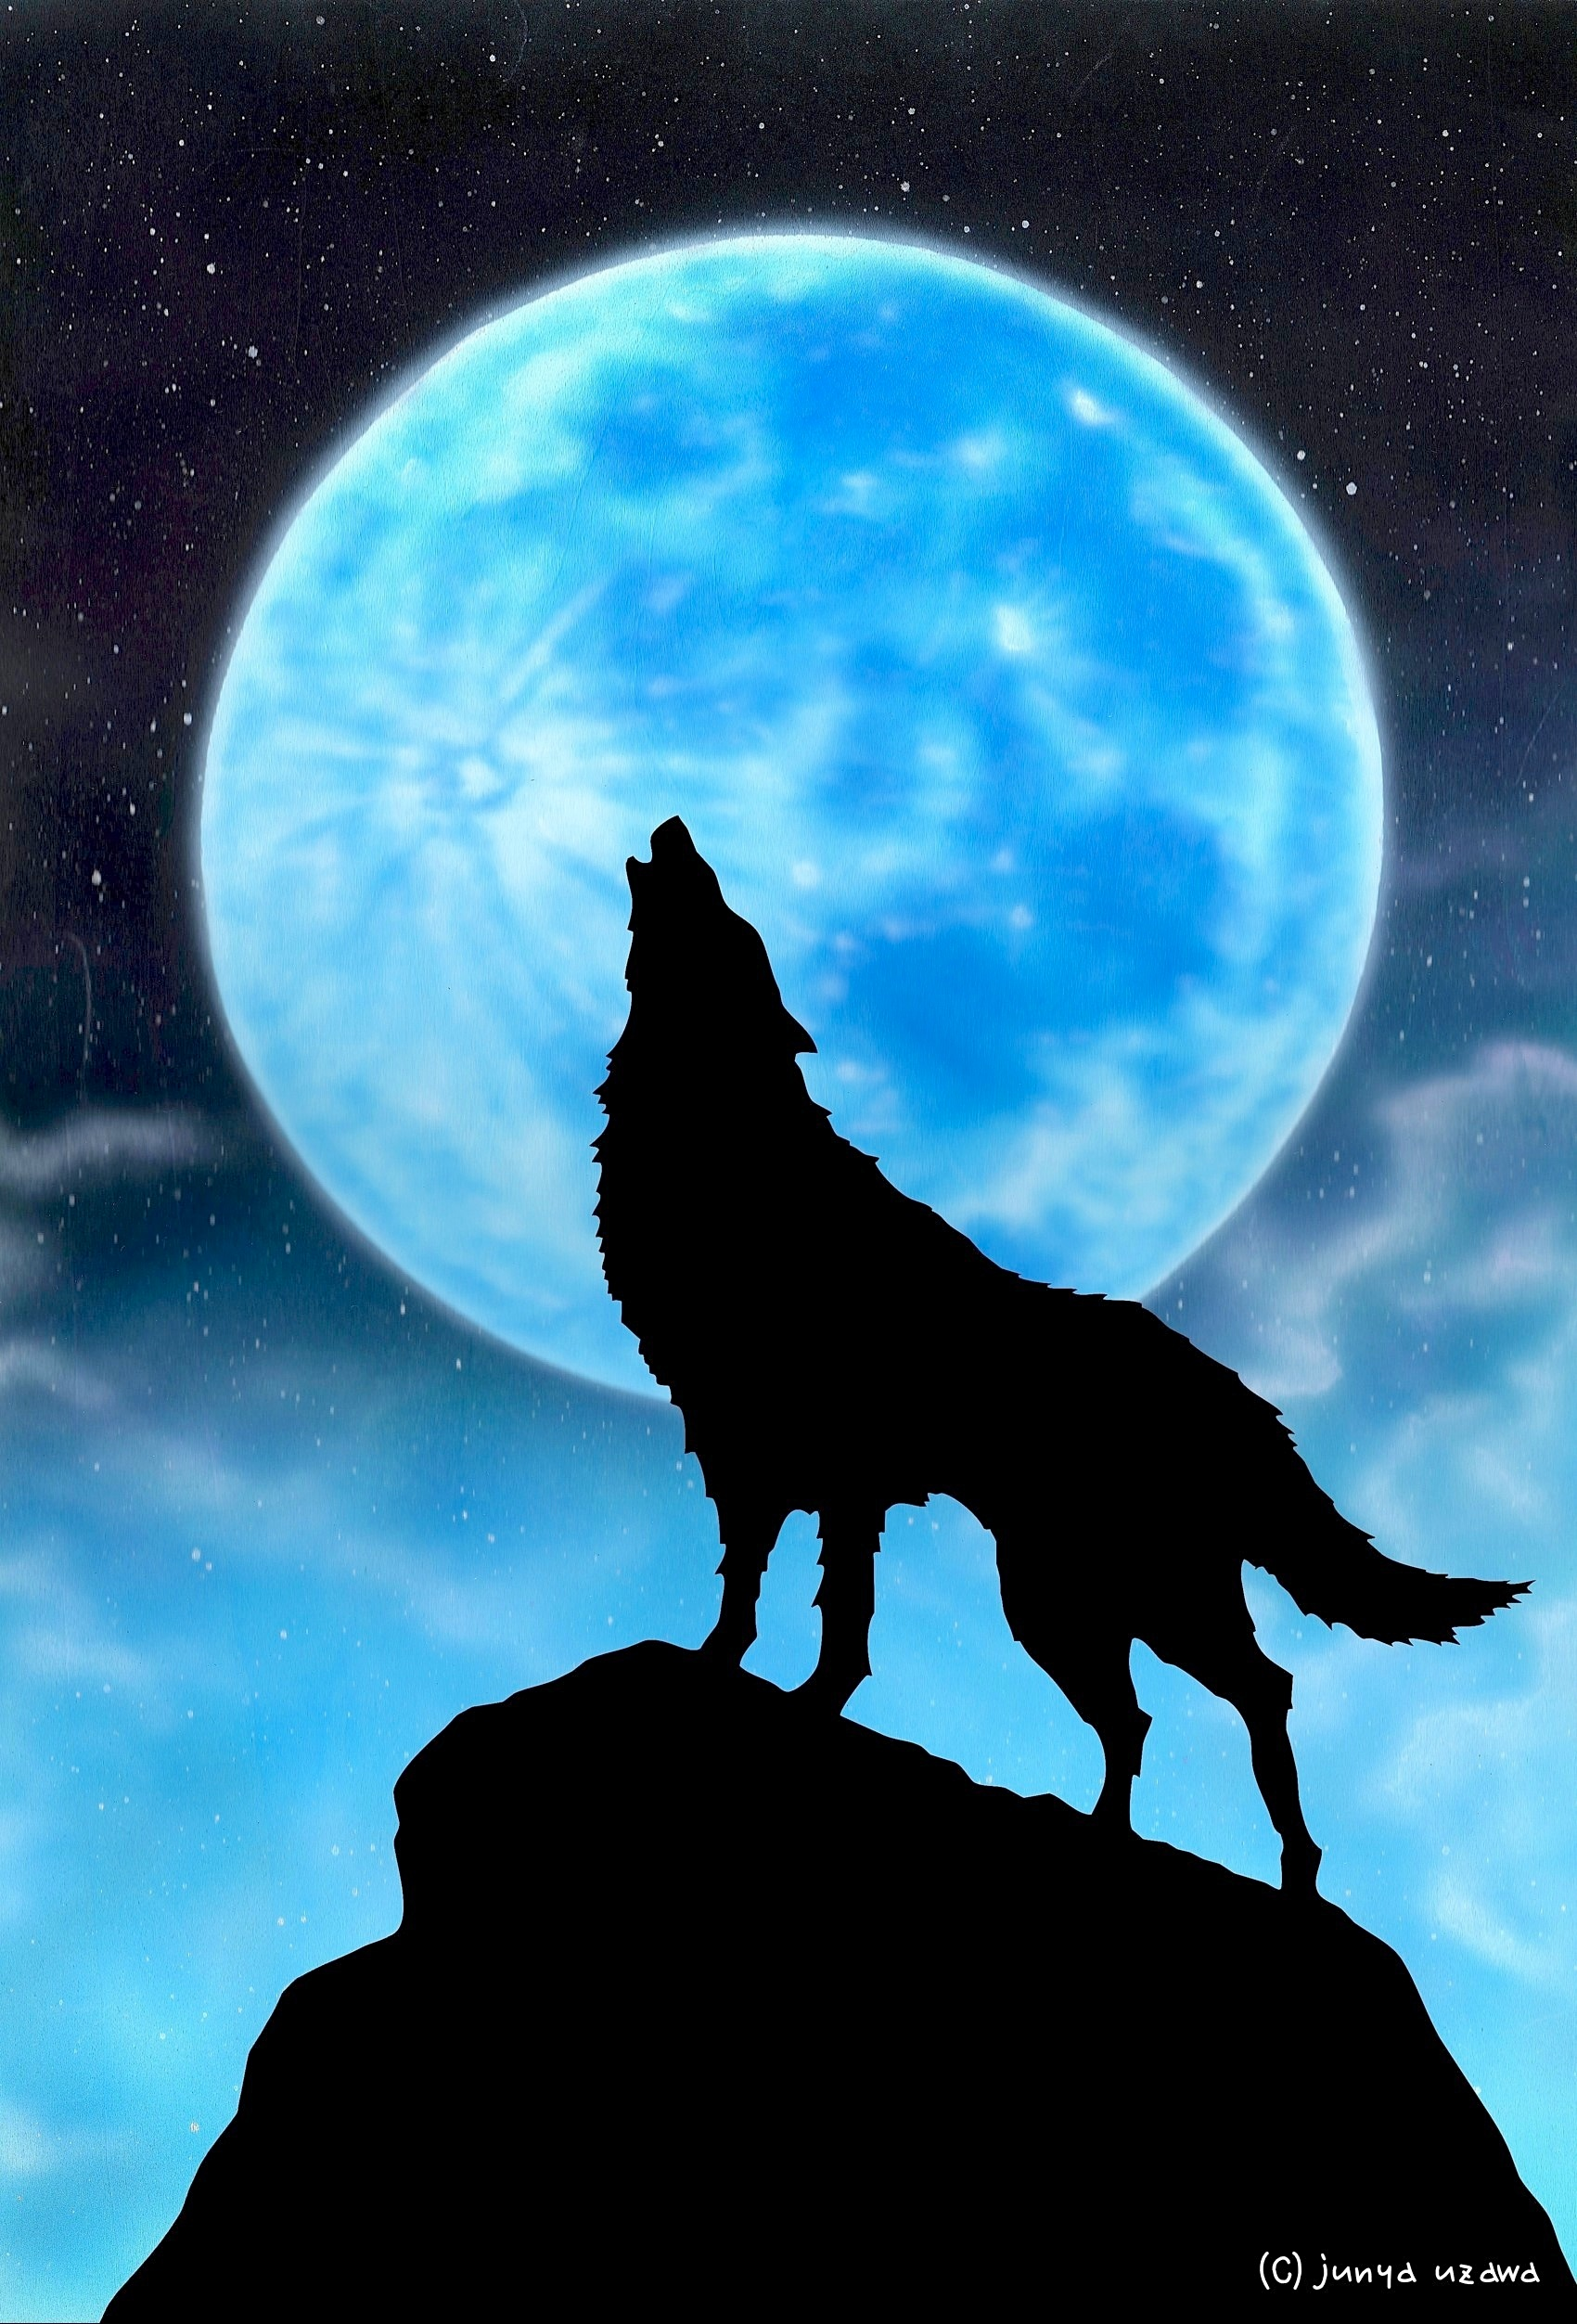 リアリズム絵画/切り絵:月と狼 : junya.blog(猫×犬)リアリズム絵画